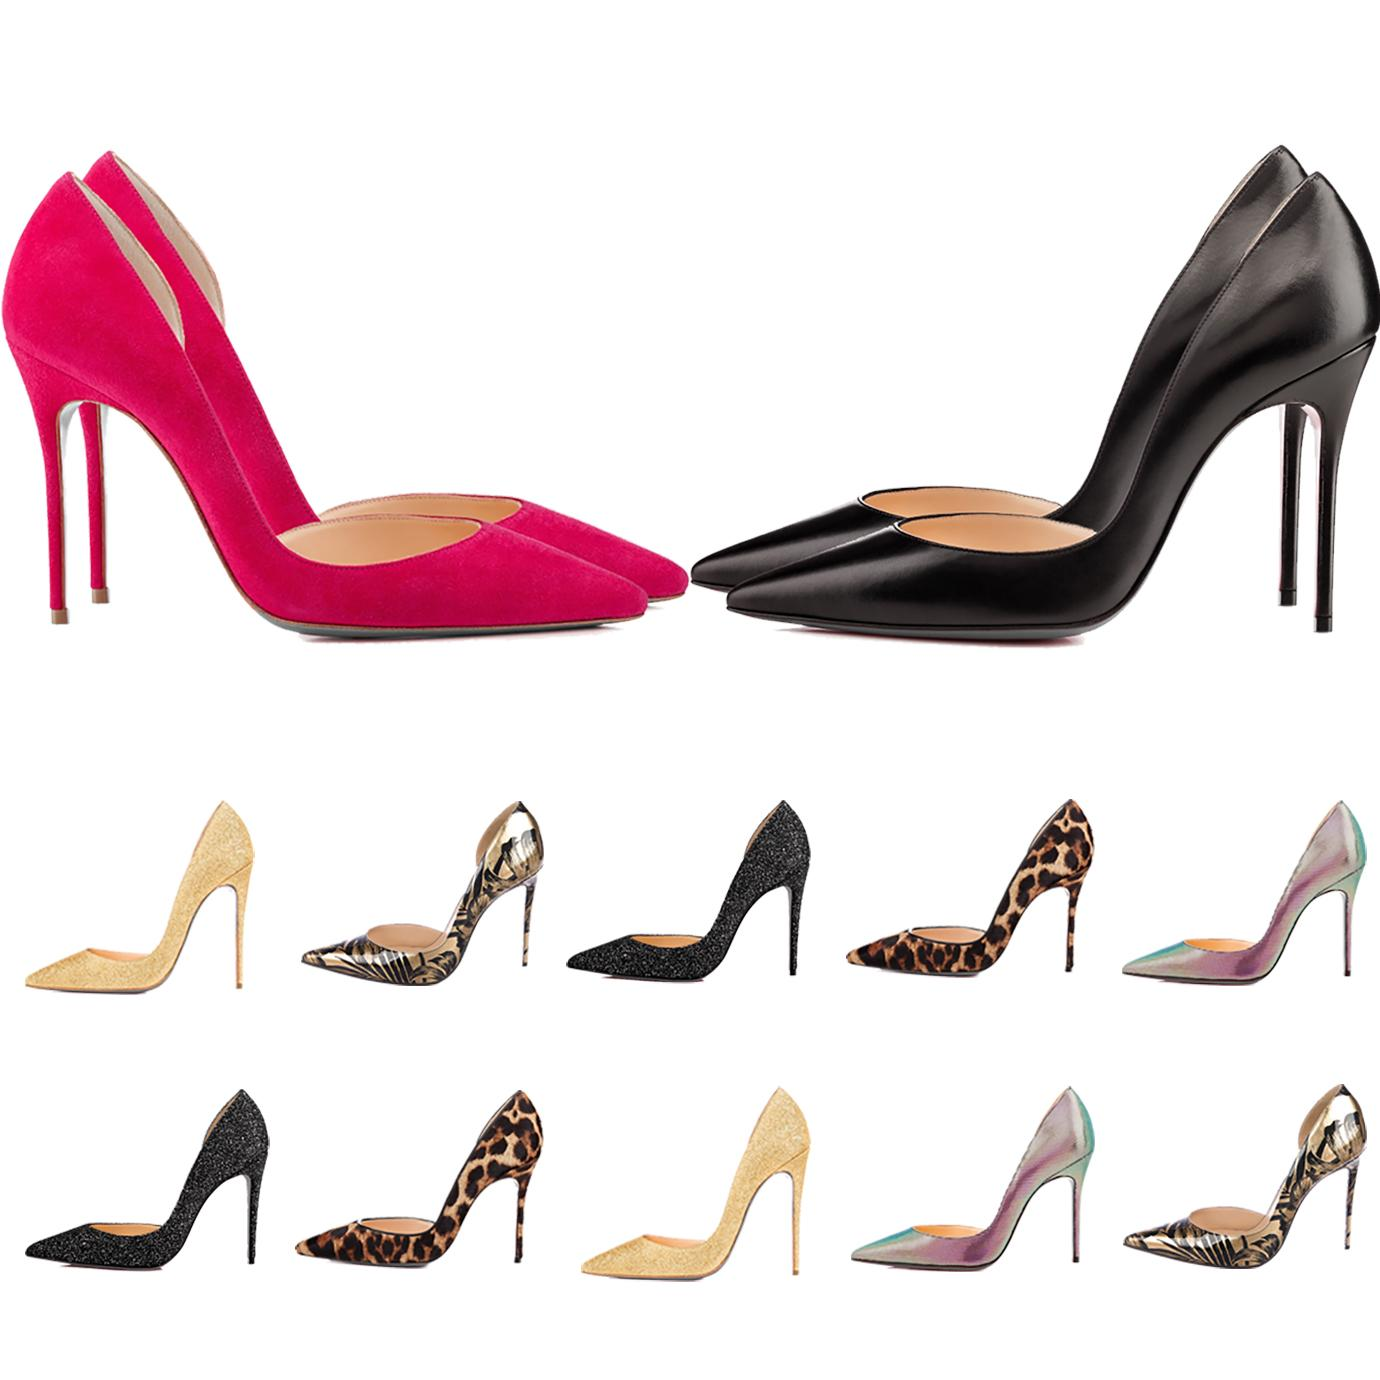 Mulheres Red Bottom High Saltos Luxurys Designers Sapatos Pontes Patentes Patente Brilhante Bombas de Couro Senhora Senhora Sandálias 8.5cm 10cm 12cm calcanhar